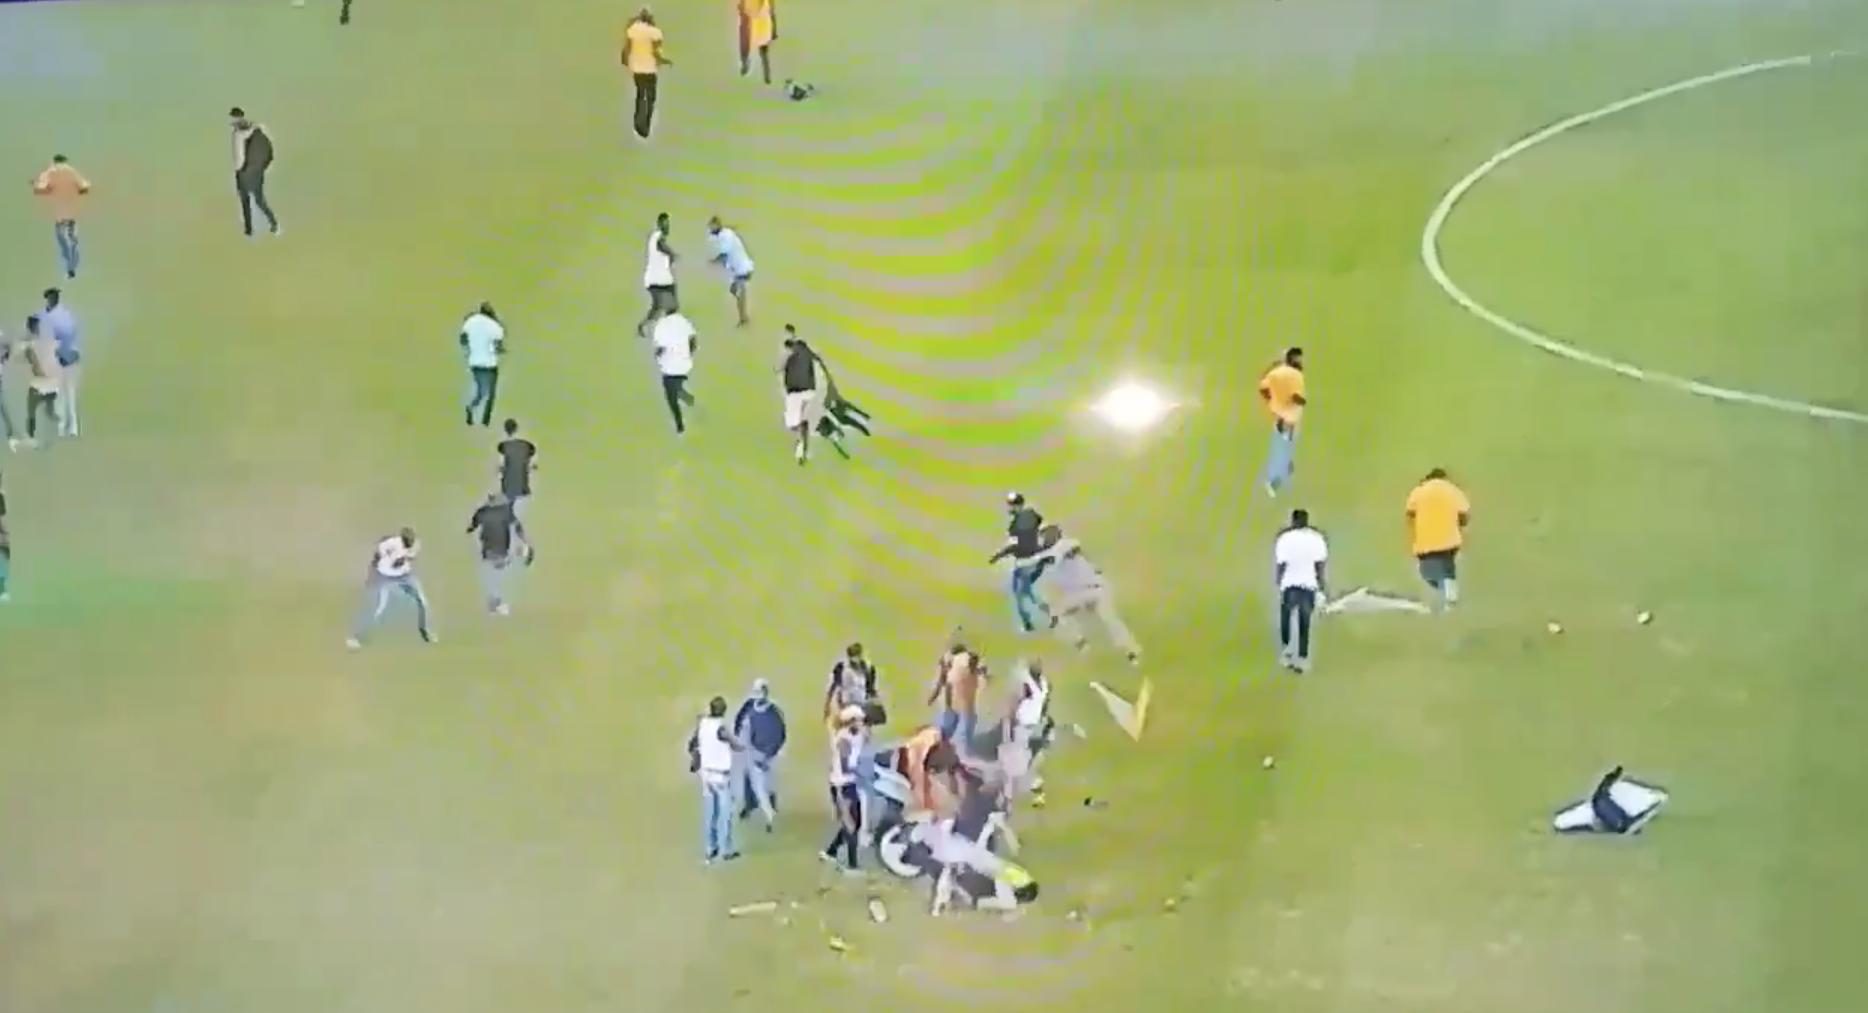 FA Cup, Desata Violencia, Invaden Cancha, Destruyen, Sudáfrica, Partido, Semifinal, Aficionados, golpean, Policia, Mujer